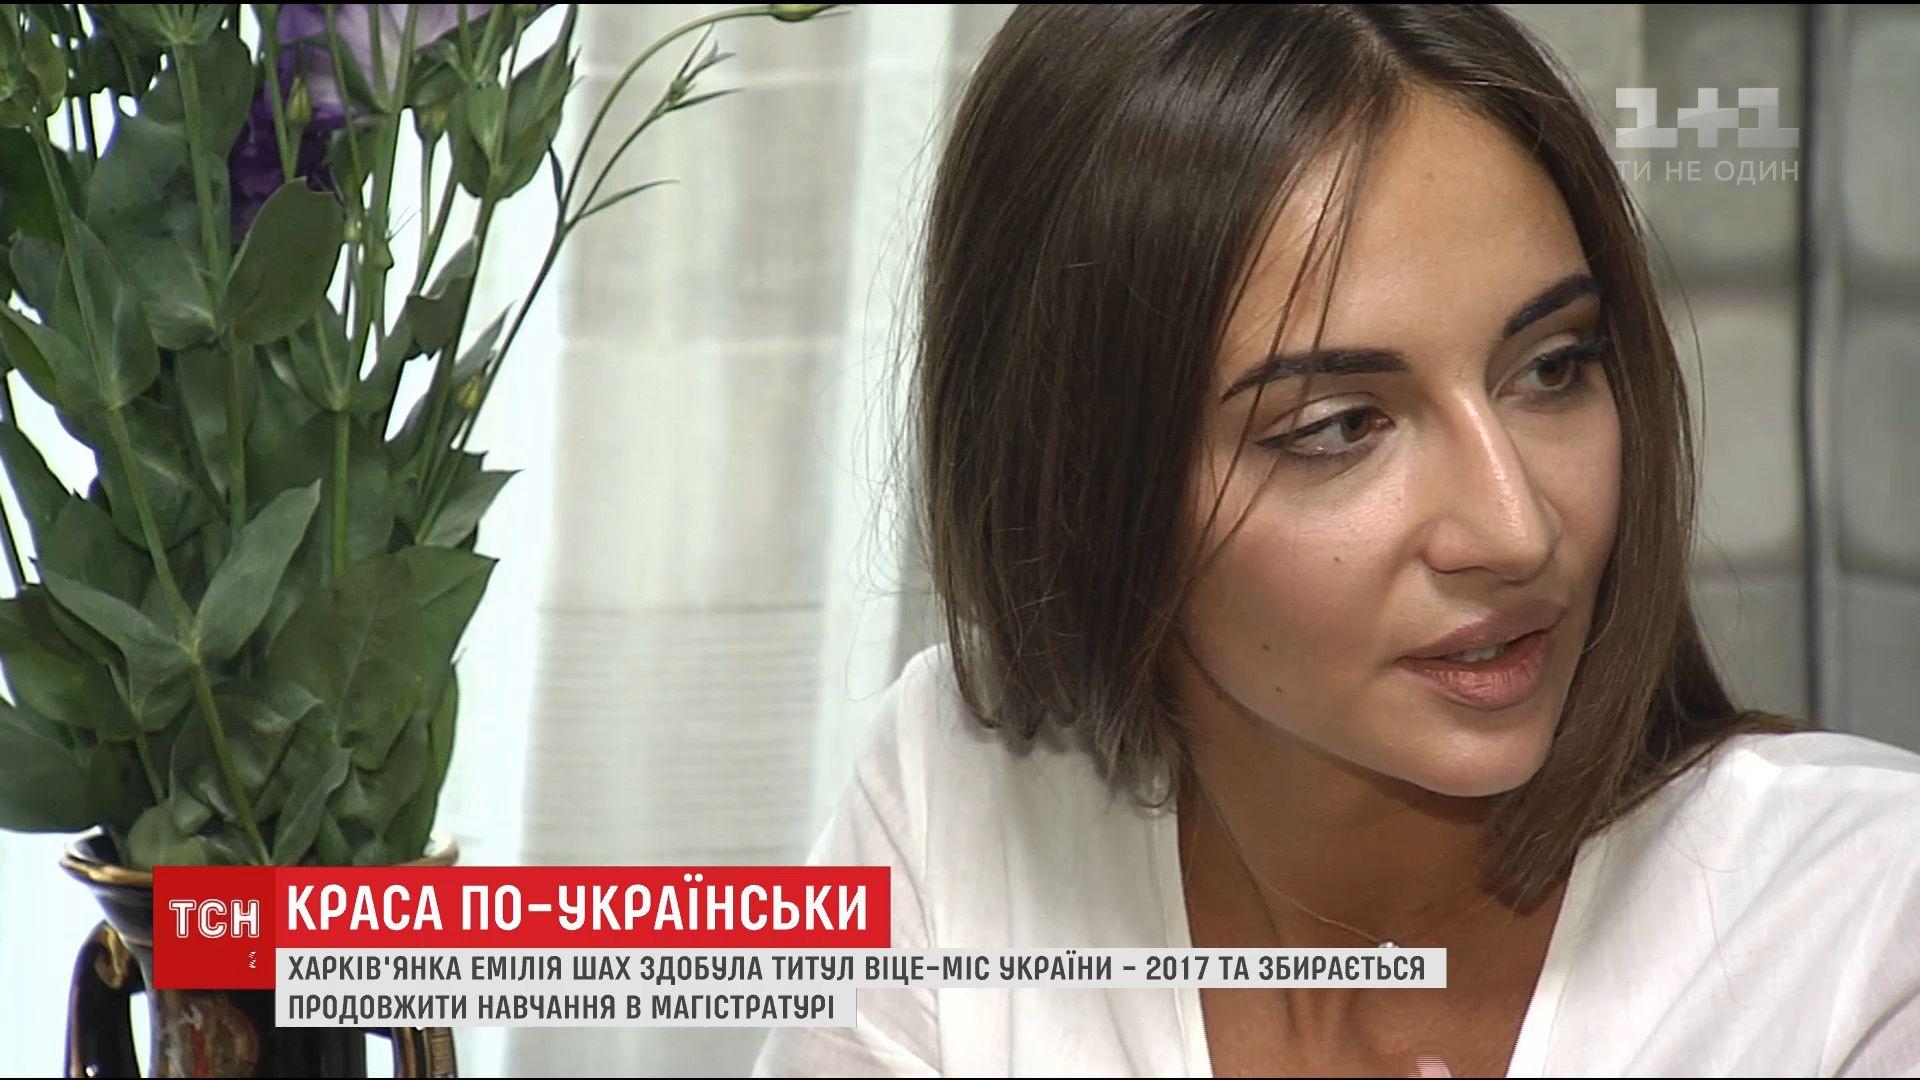 Віце-міс Україна розповіла подробиці свого неординарного виходу на конкурсі краси /